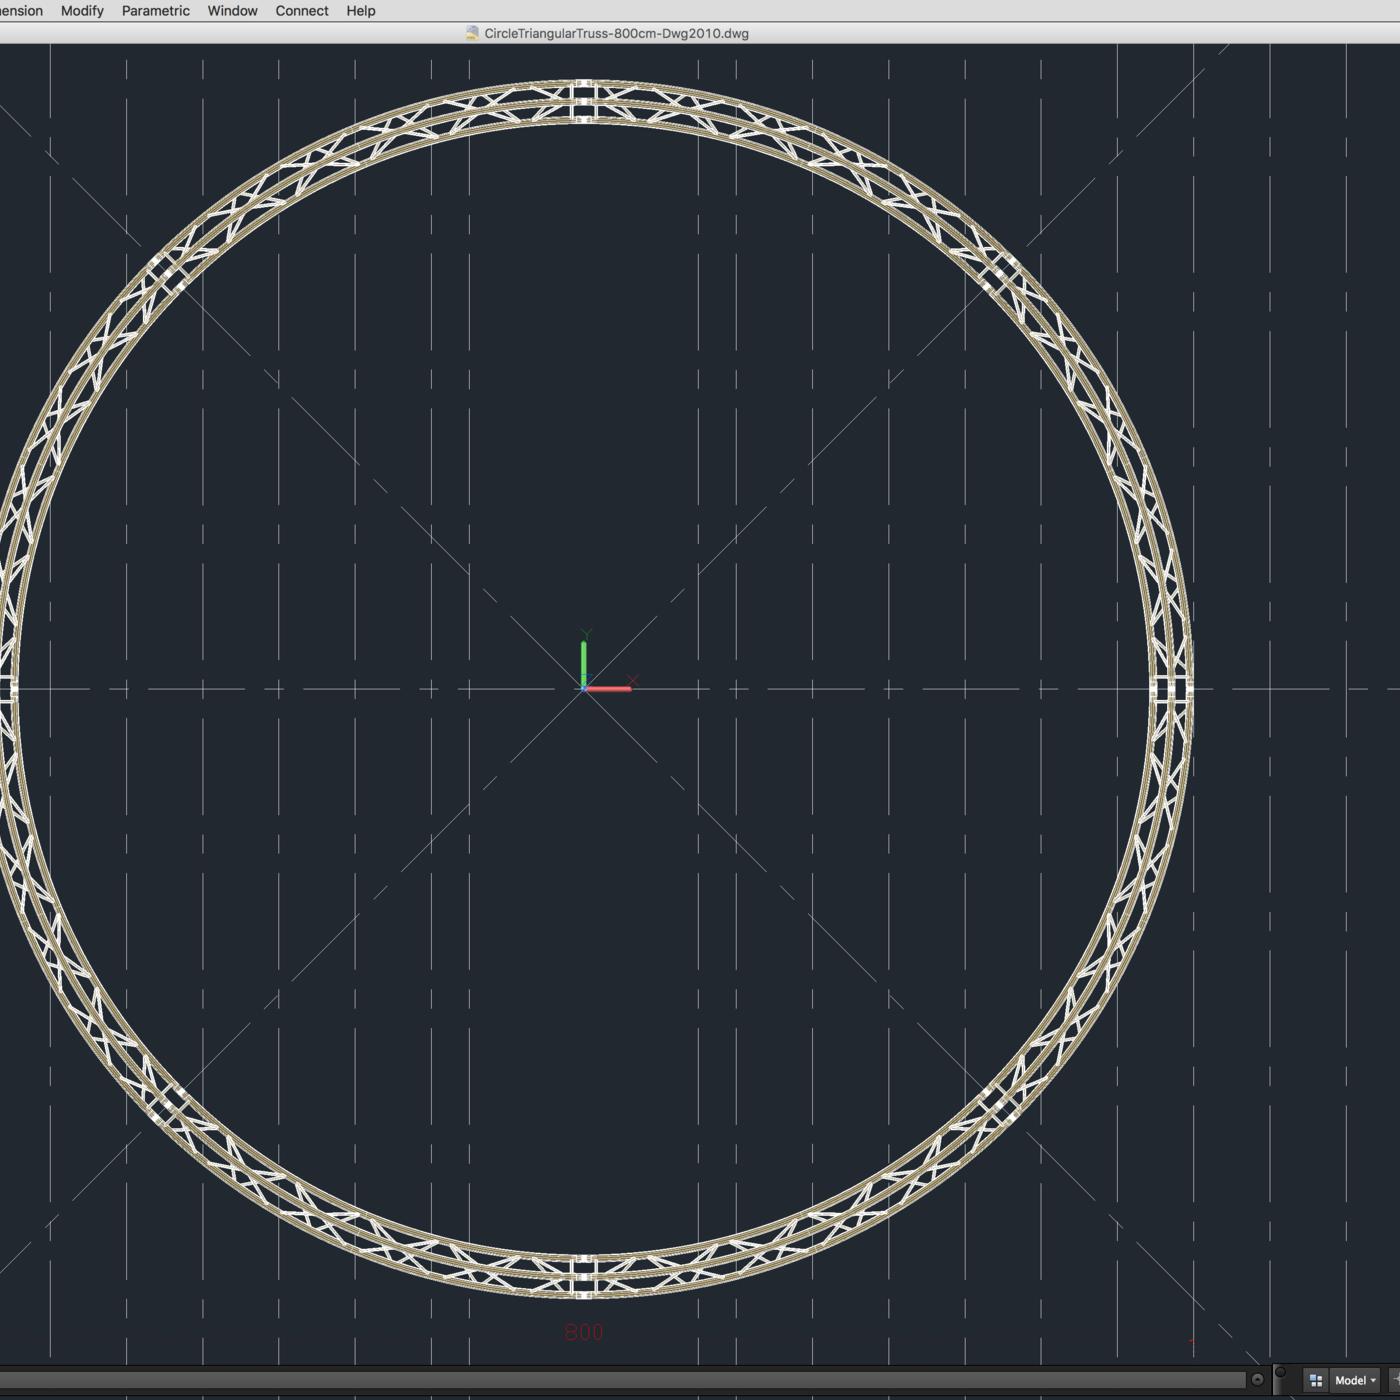 Circle Triangular Truss (Full diameter 800cm)